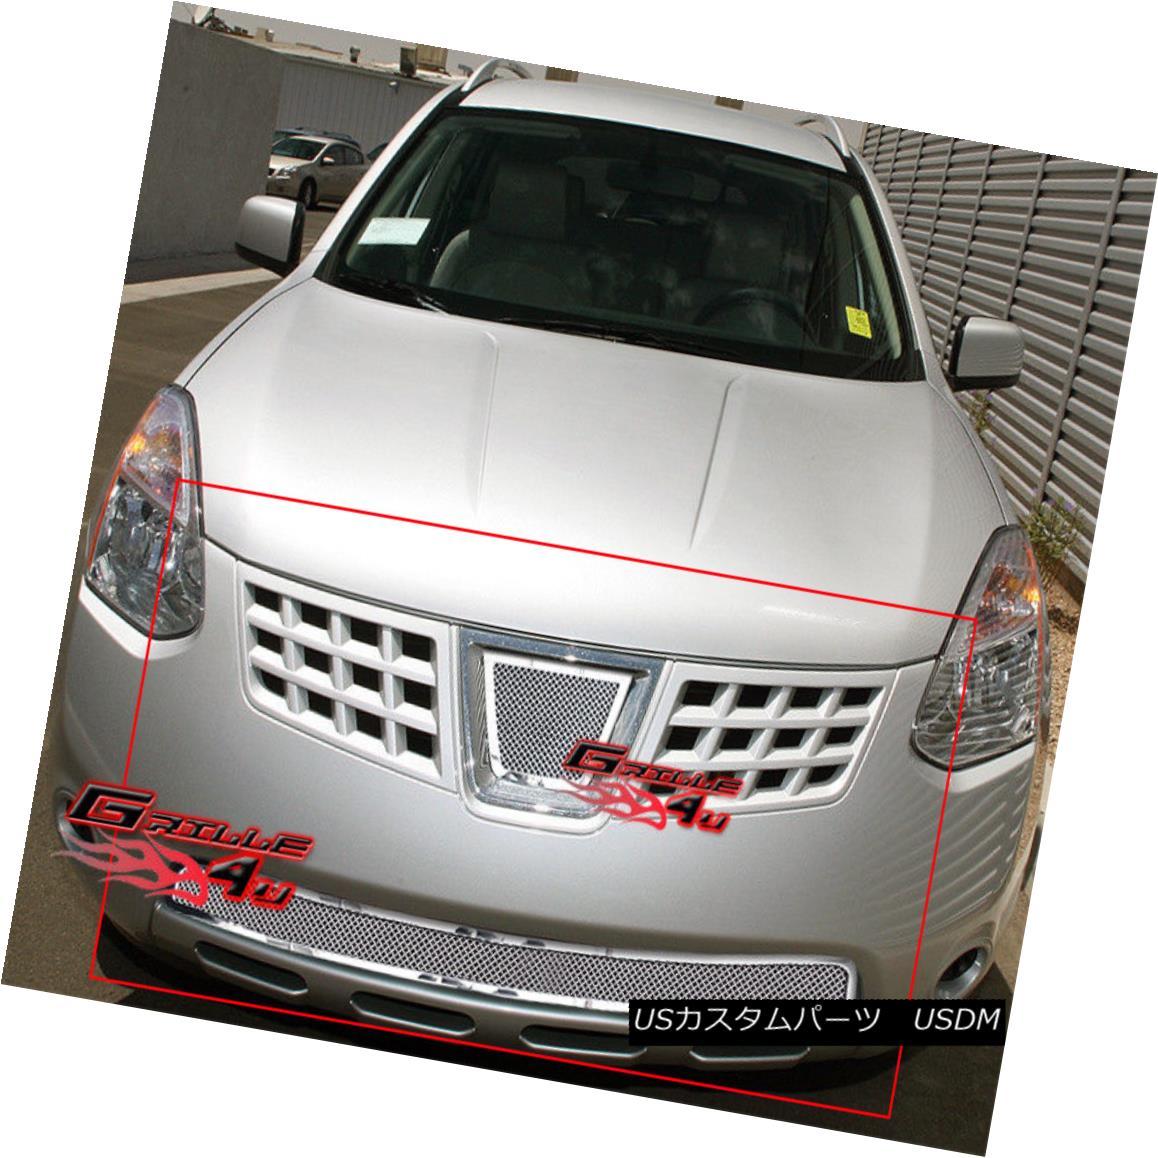 グリル For 08-10 Nissan Rogue Stainless Steel Mesh Grille Insert 08-10日産ローグステンレスメッシュグリルインサート